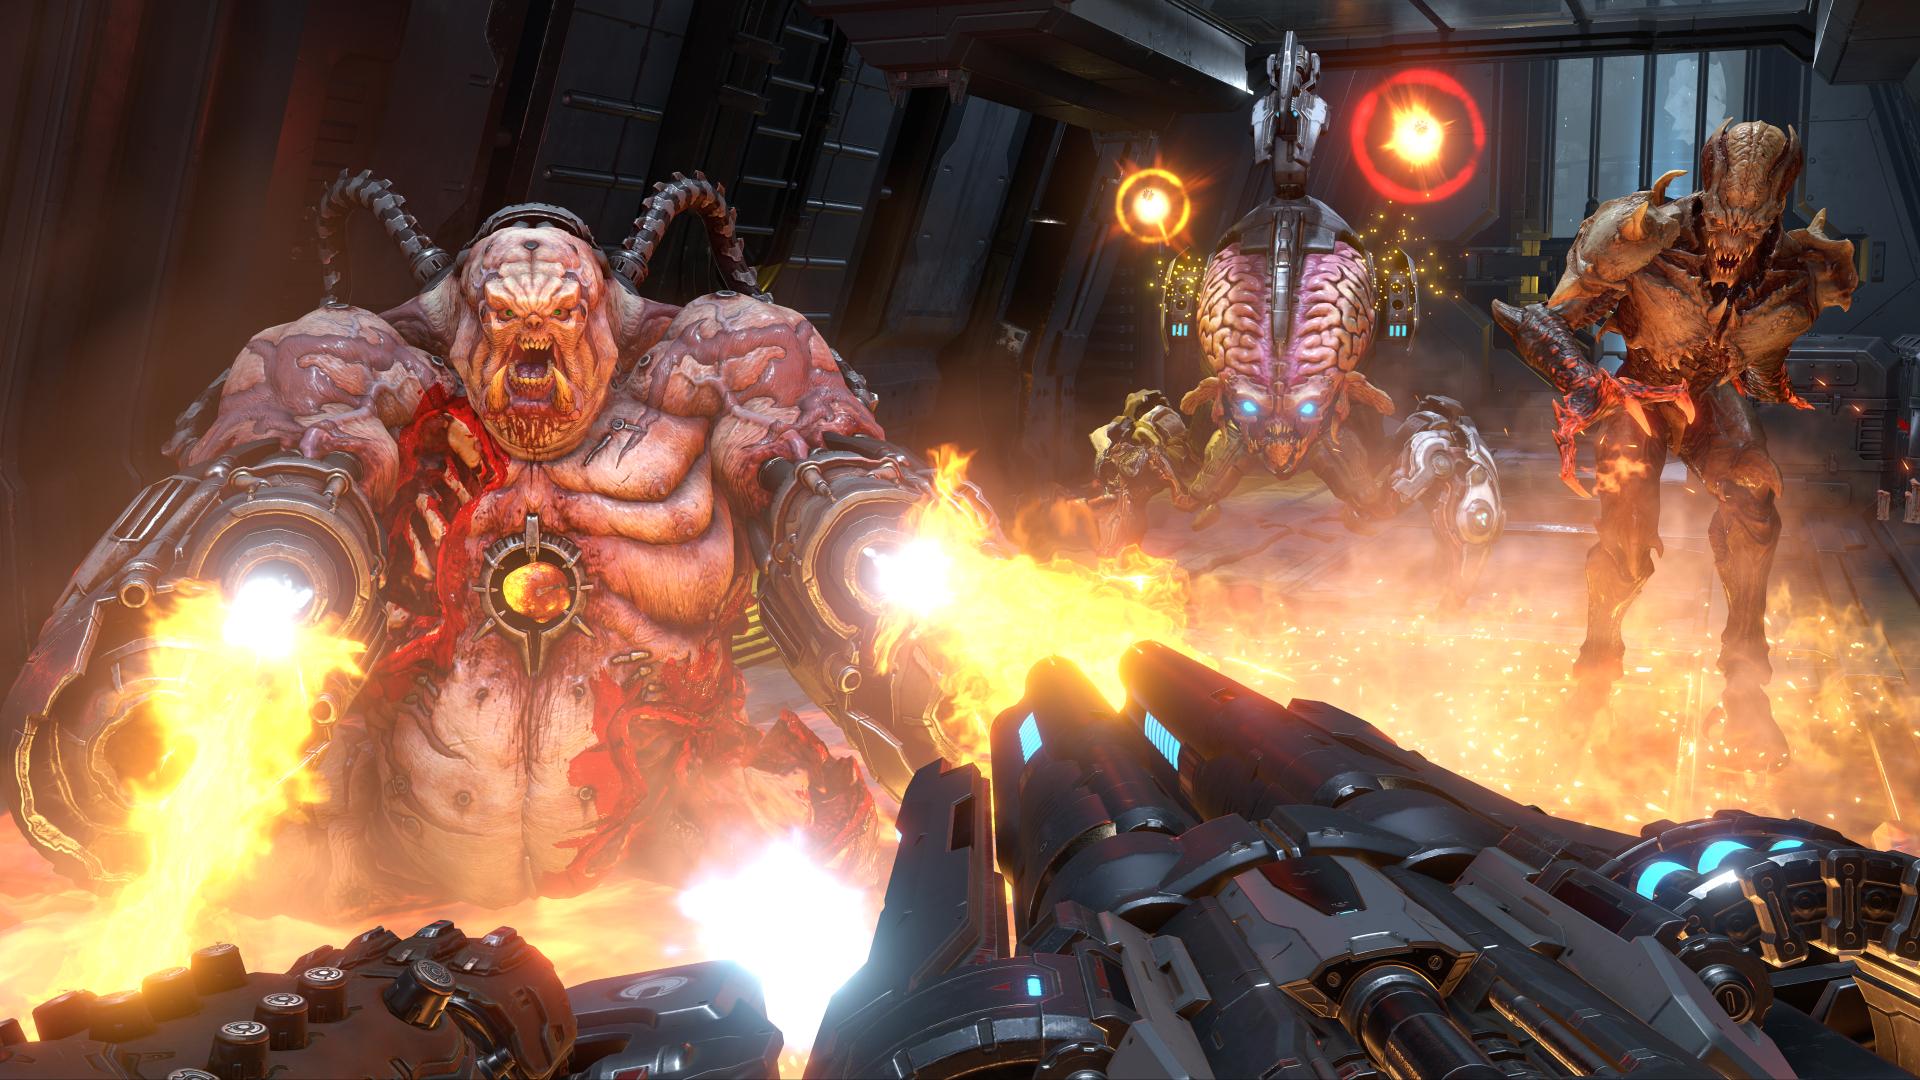 dfcitas; korona; virusas; pagalba; rinkinys; pramogos; Netflixas; Spotify; video žaidimai; Doom Eternal;